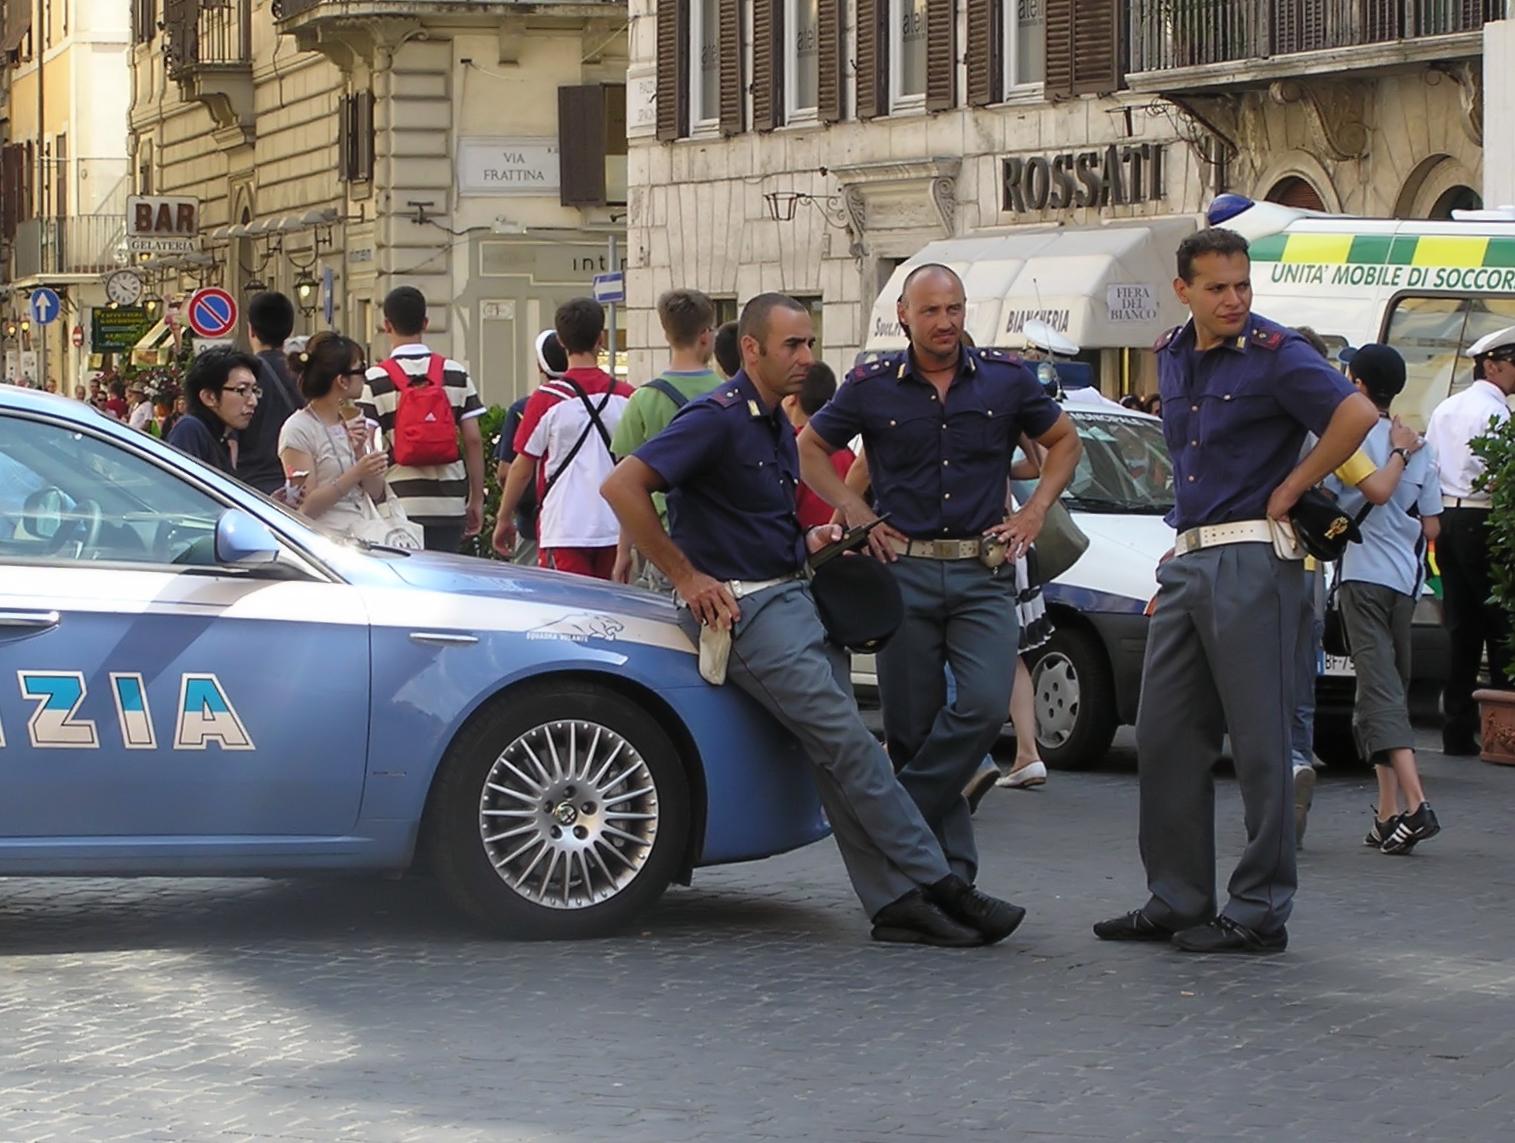 File:Polizia.di.stato.arp.jpg - Wikimedia Commons